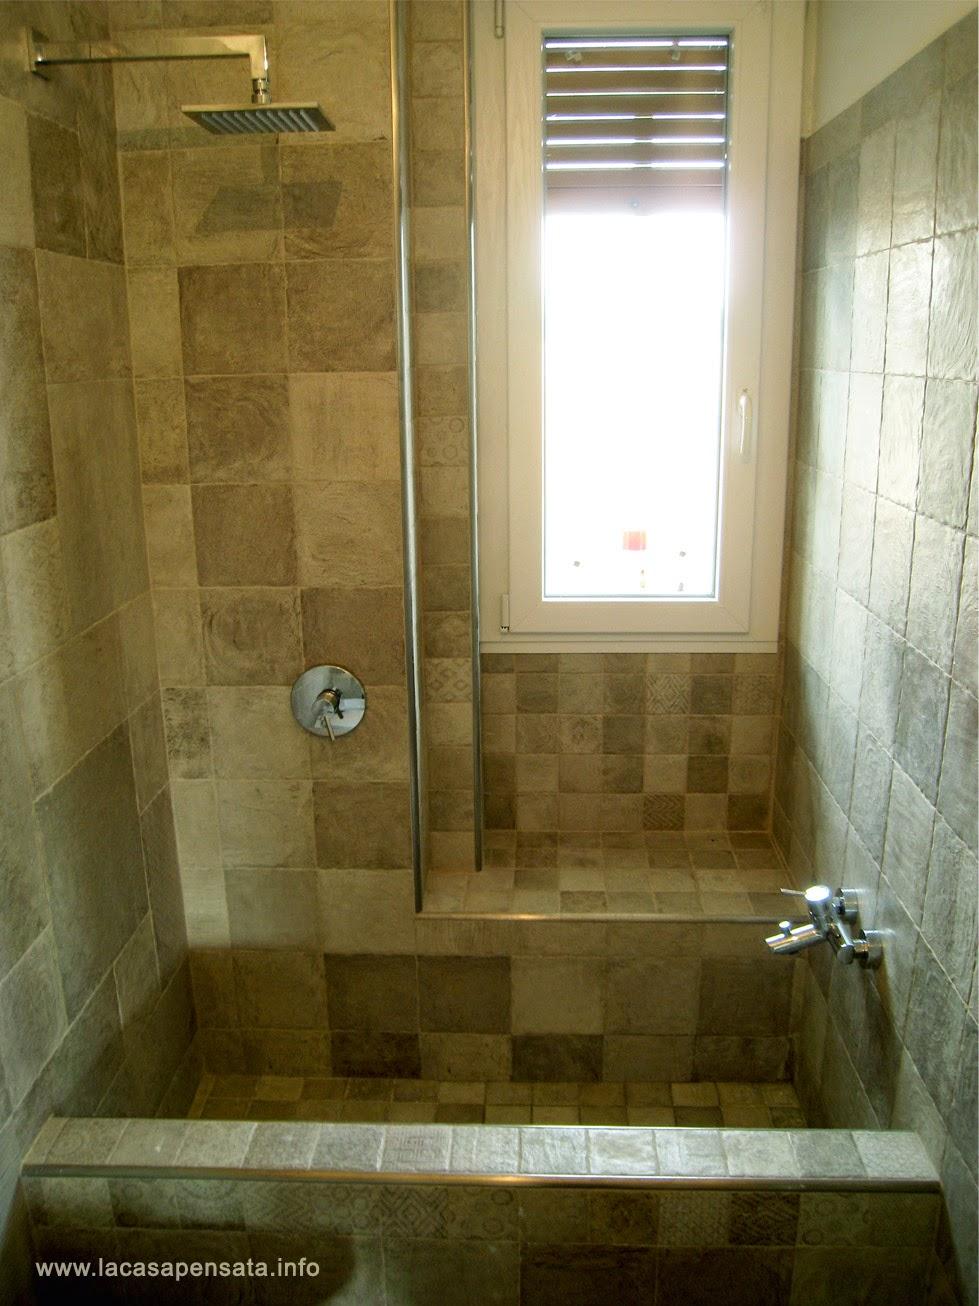 Il bagno stretto e lungo ristrutturato era munito di una ingombrante ...